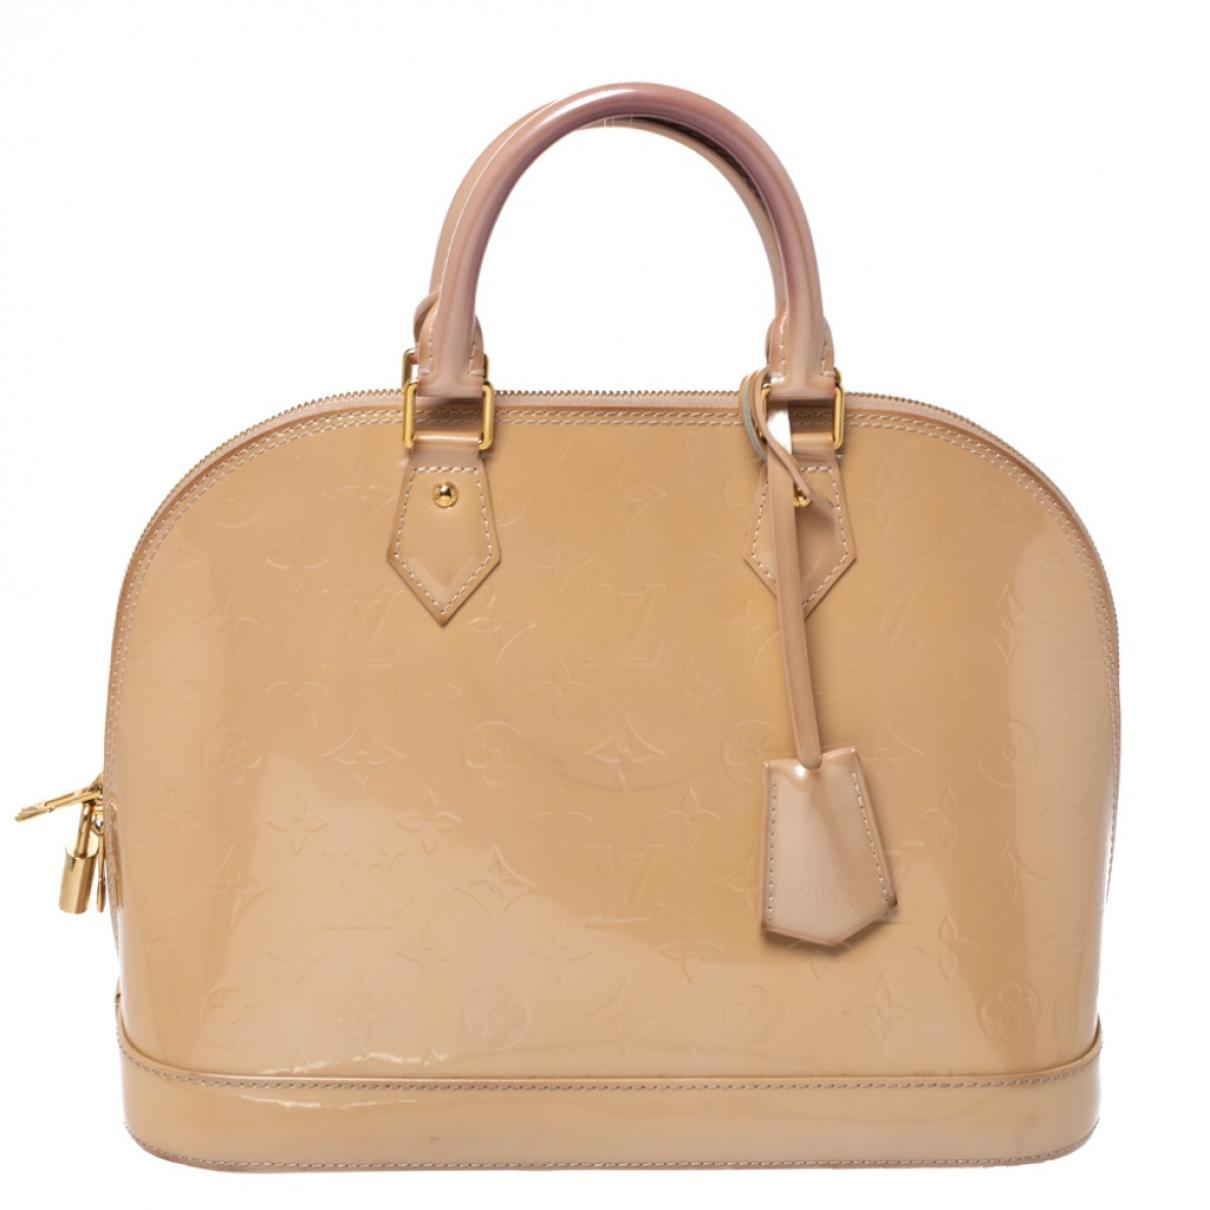 Louis Vuitton Alma Handtasche in Lackleder